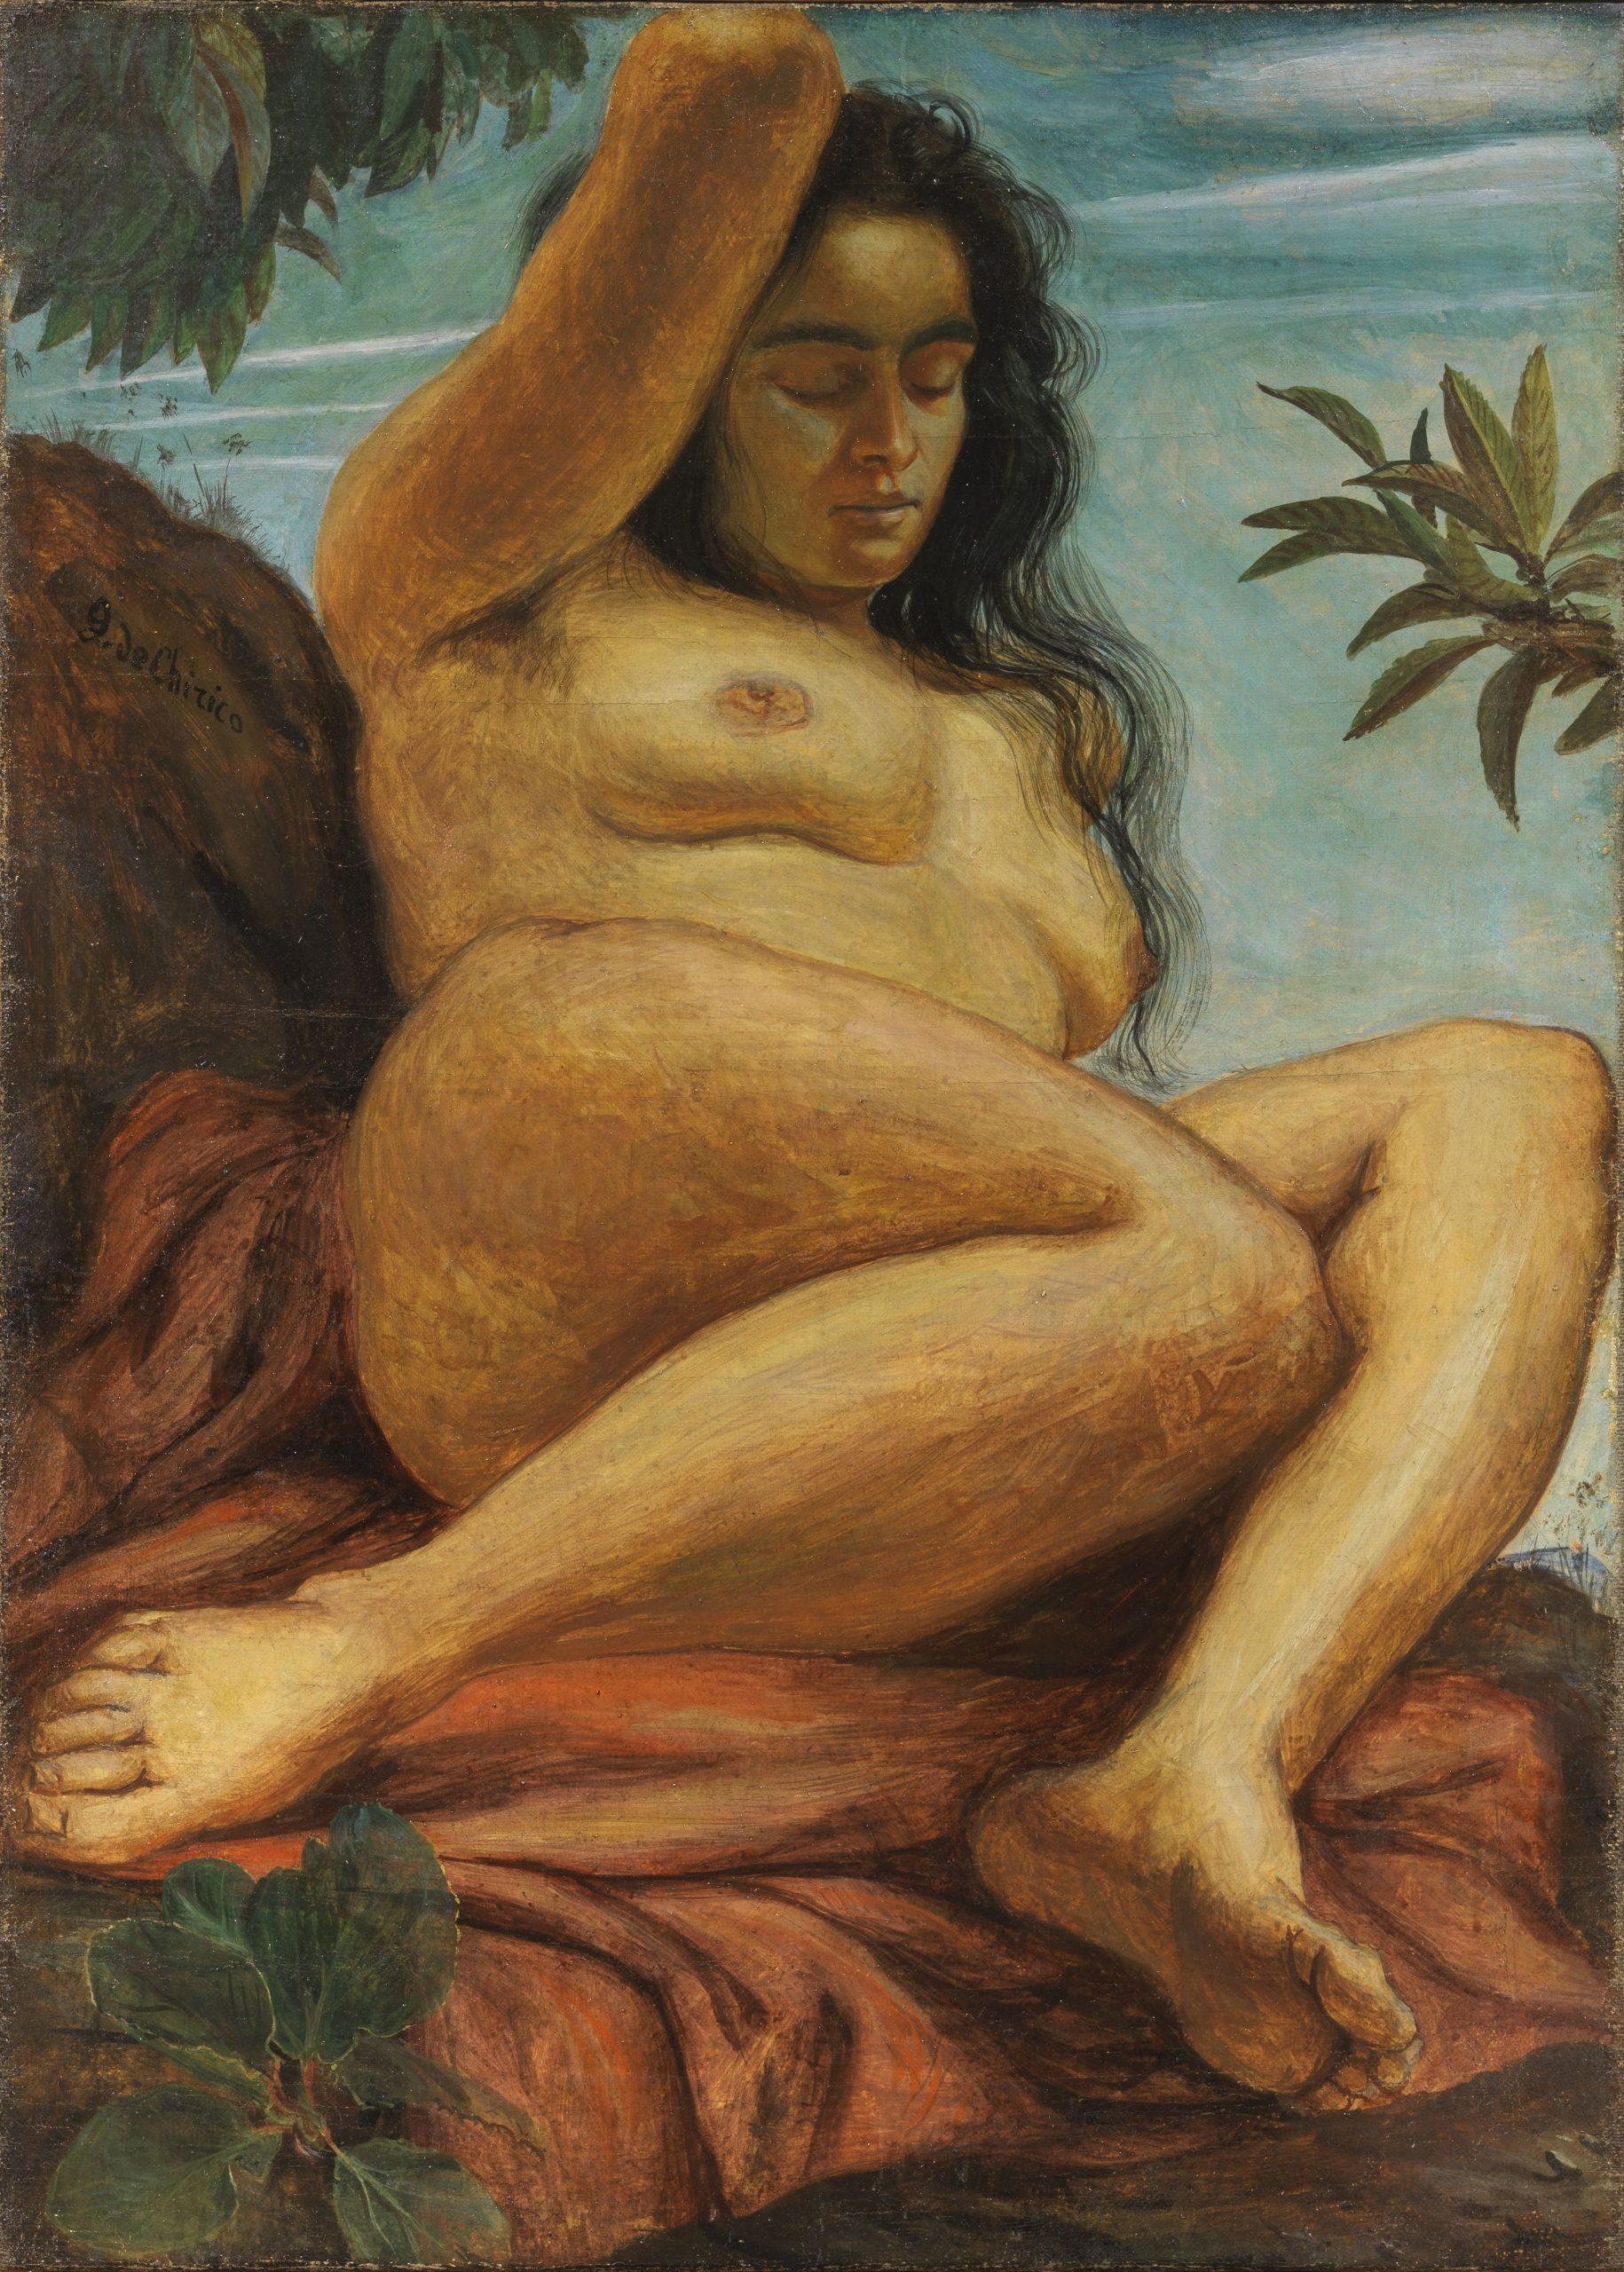 Giorgio de Chirico, Nudo femminile, 1923, tempera grassa su tela, 84x60 cm